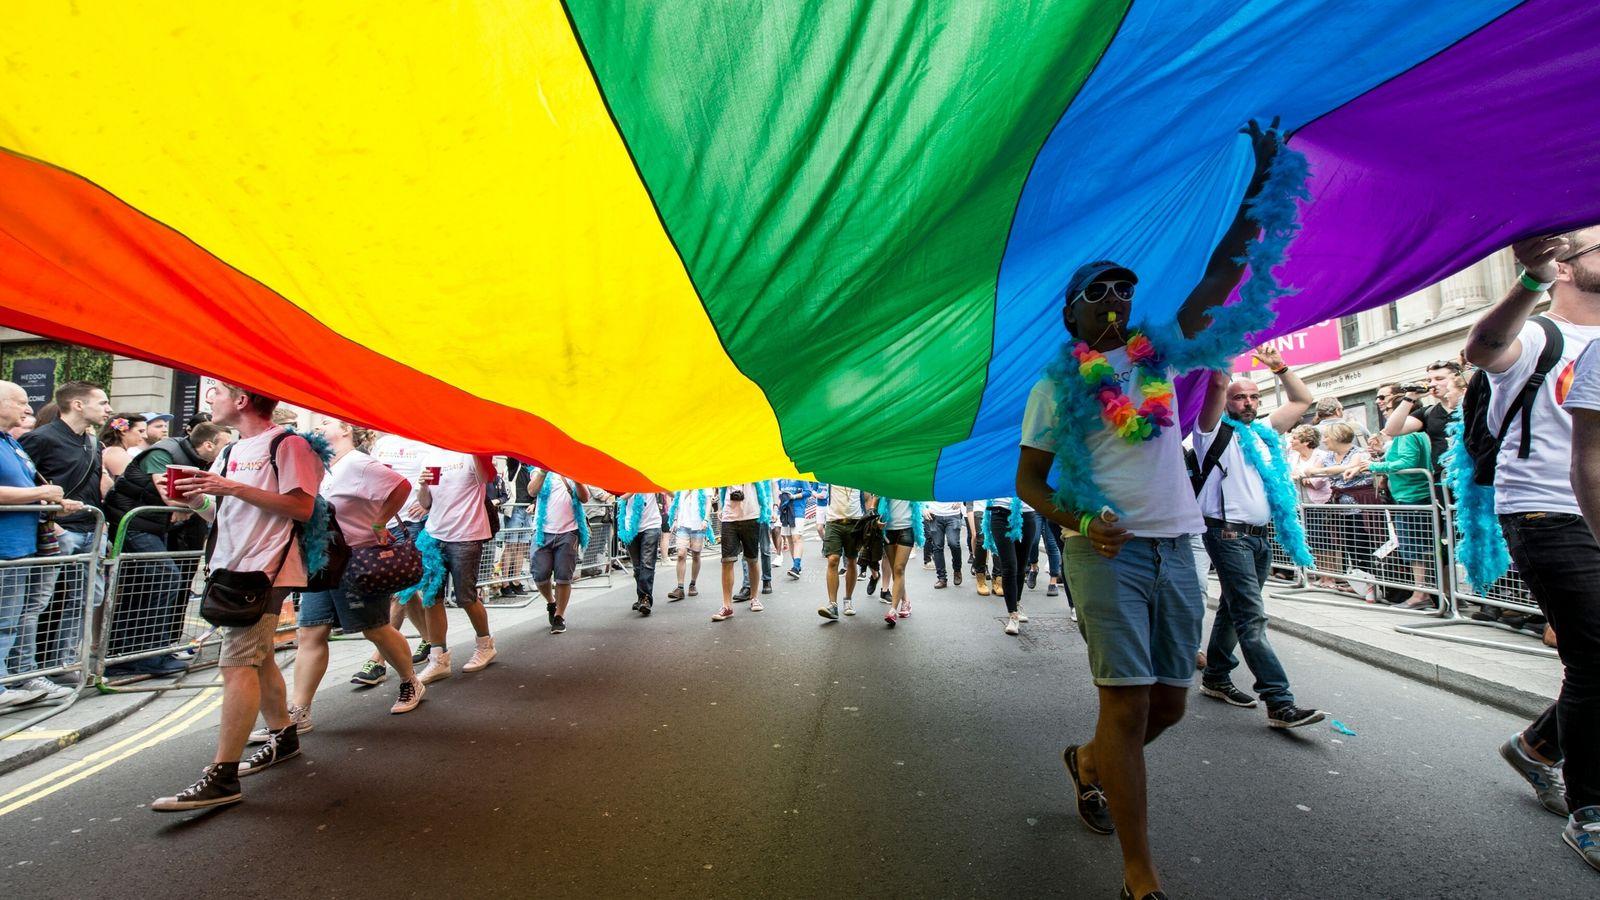 Manifestantes caminan con una bandera arcoíris gigante en Londres